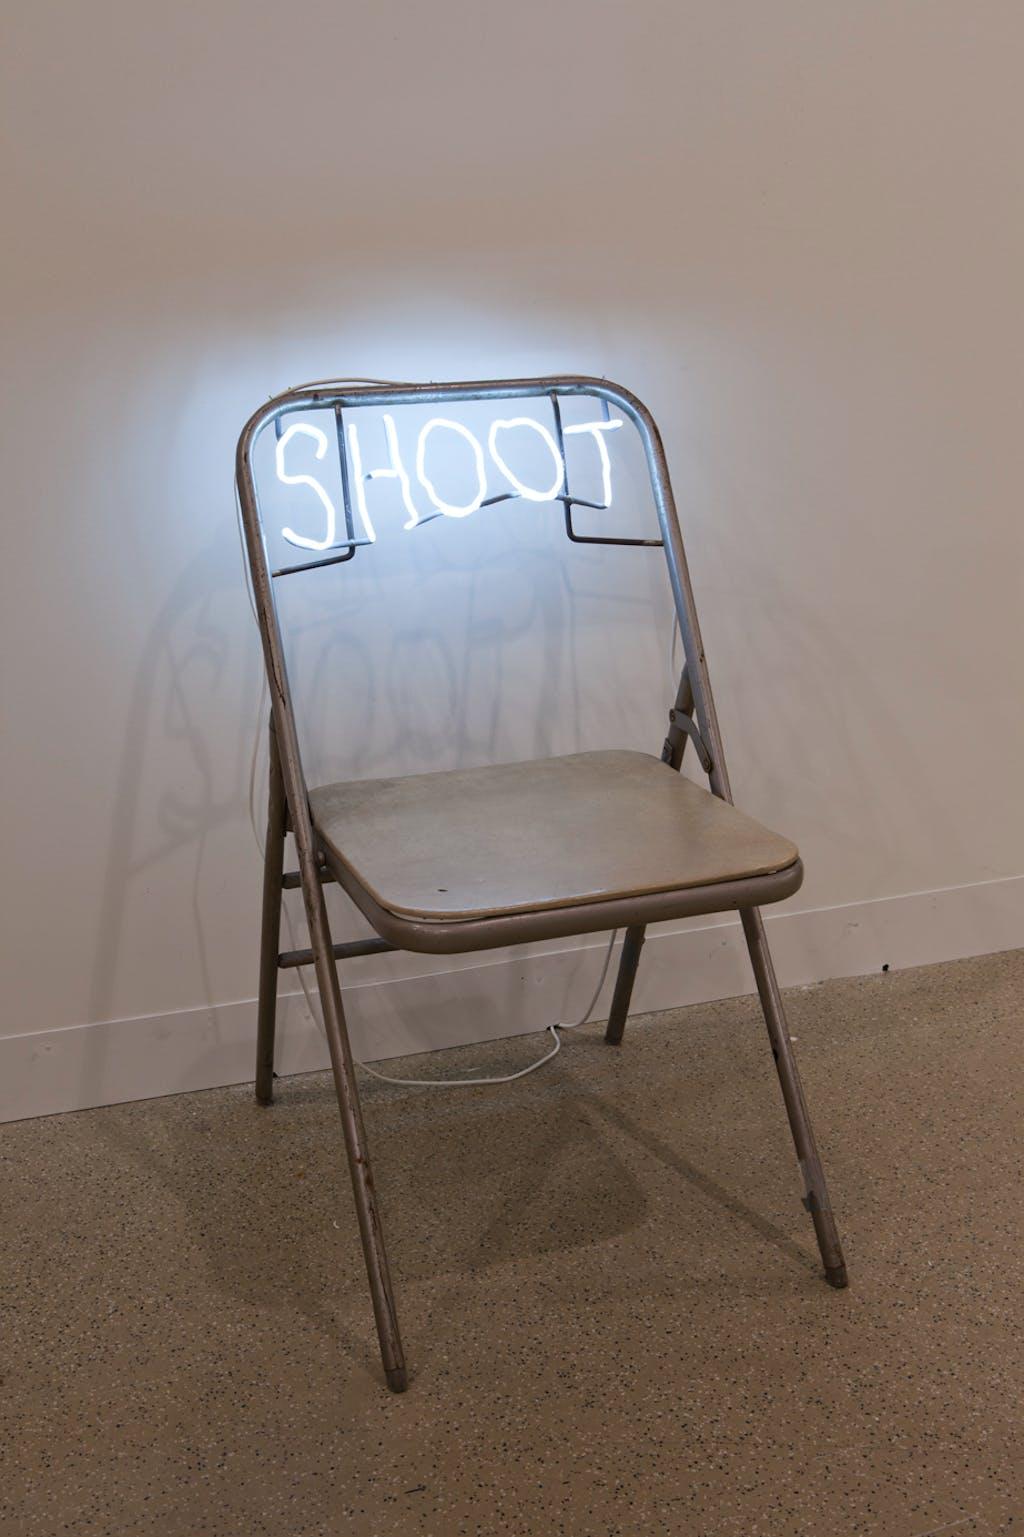 Shoot - © kamel mennour